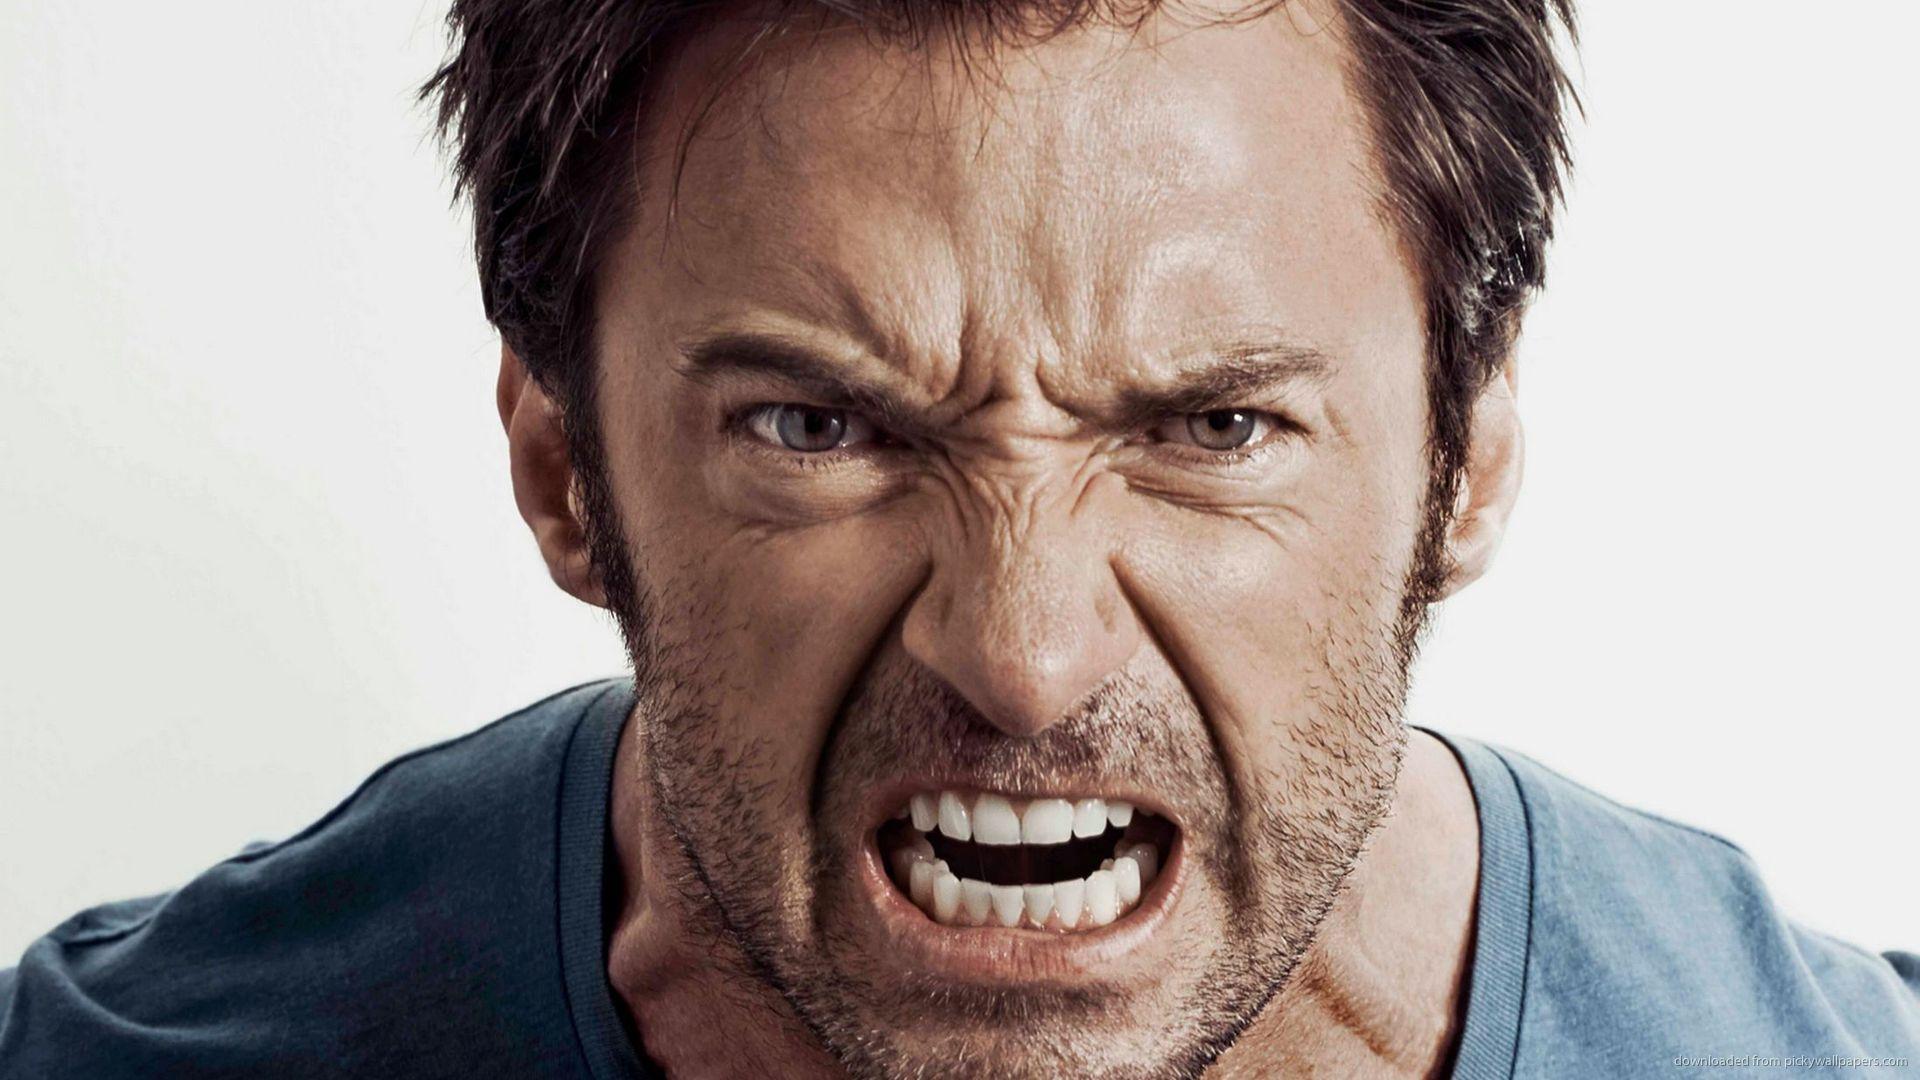 Artsy bollocks makes Hugh angry